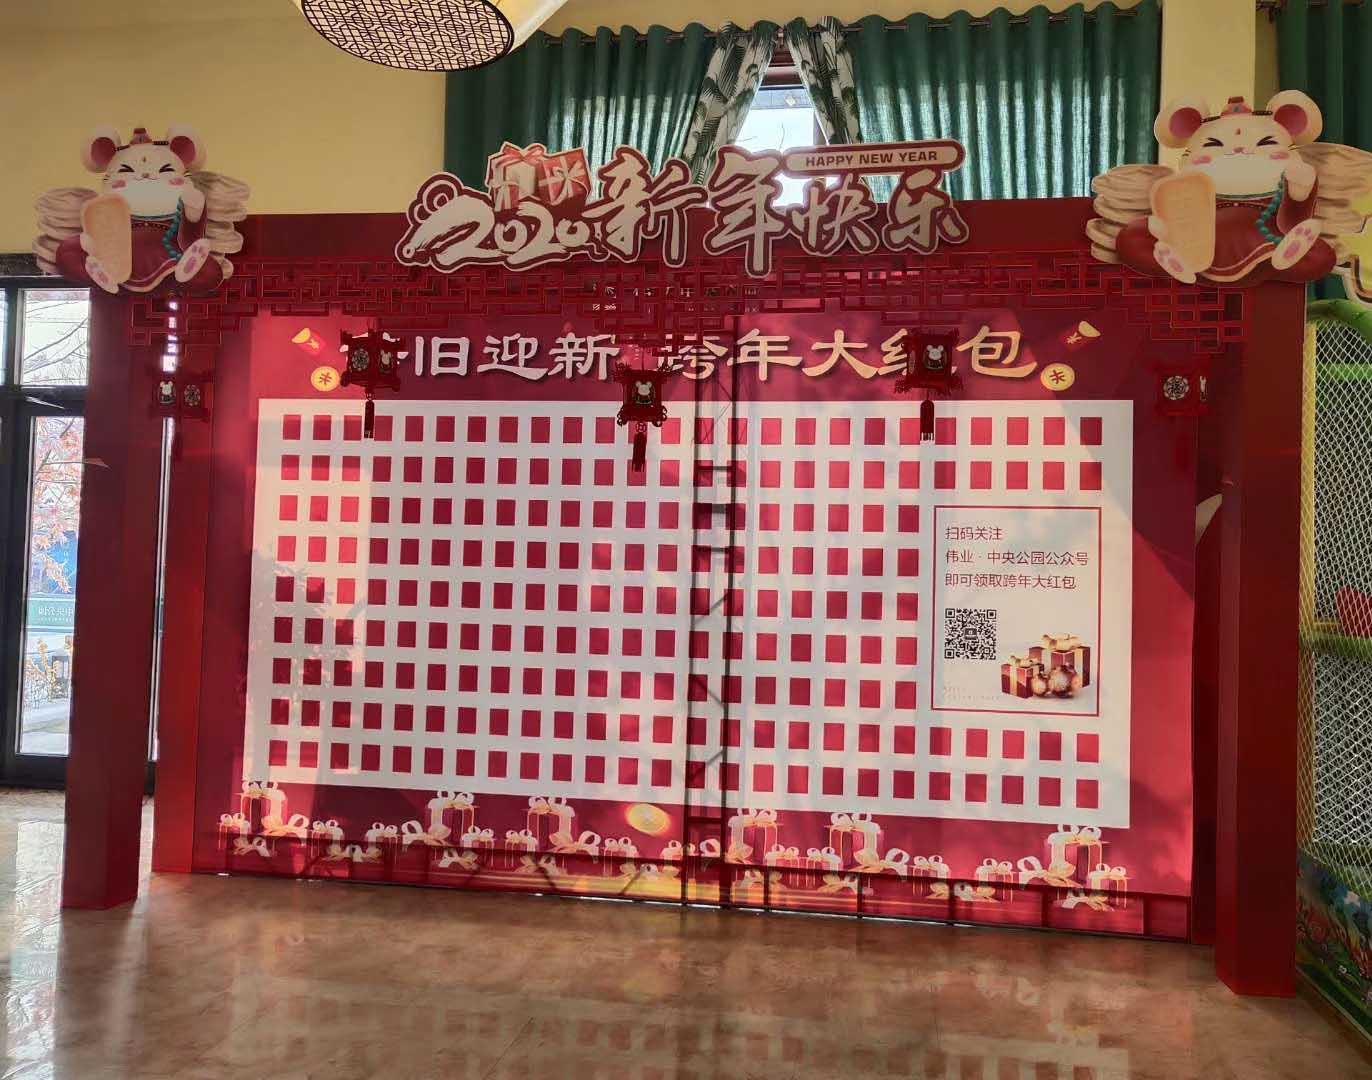 哈尔滨喷绘专业公司_哈尔滨展架_哈尔滨起阳广告